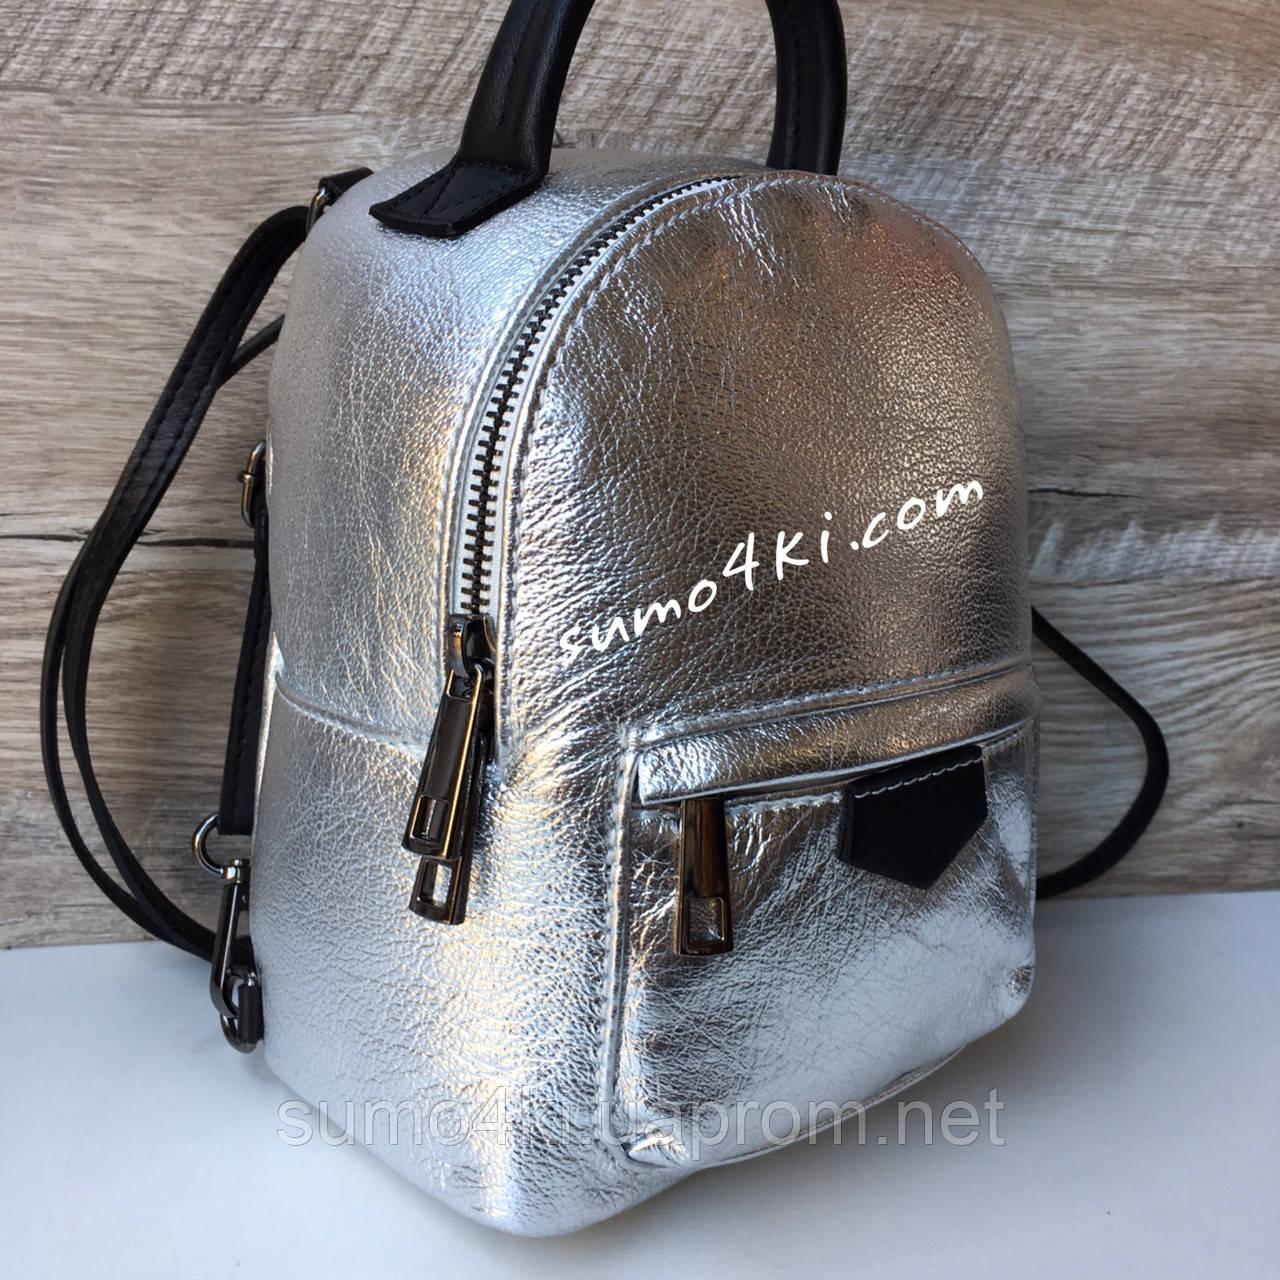 343e1db1 Кожаный женский рюкзак сумка мини Италия - Интернет-магазин «Галерея Сумок»  в Одессе